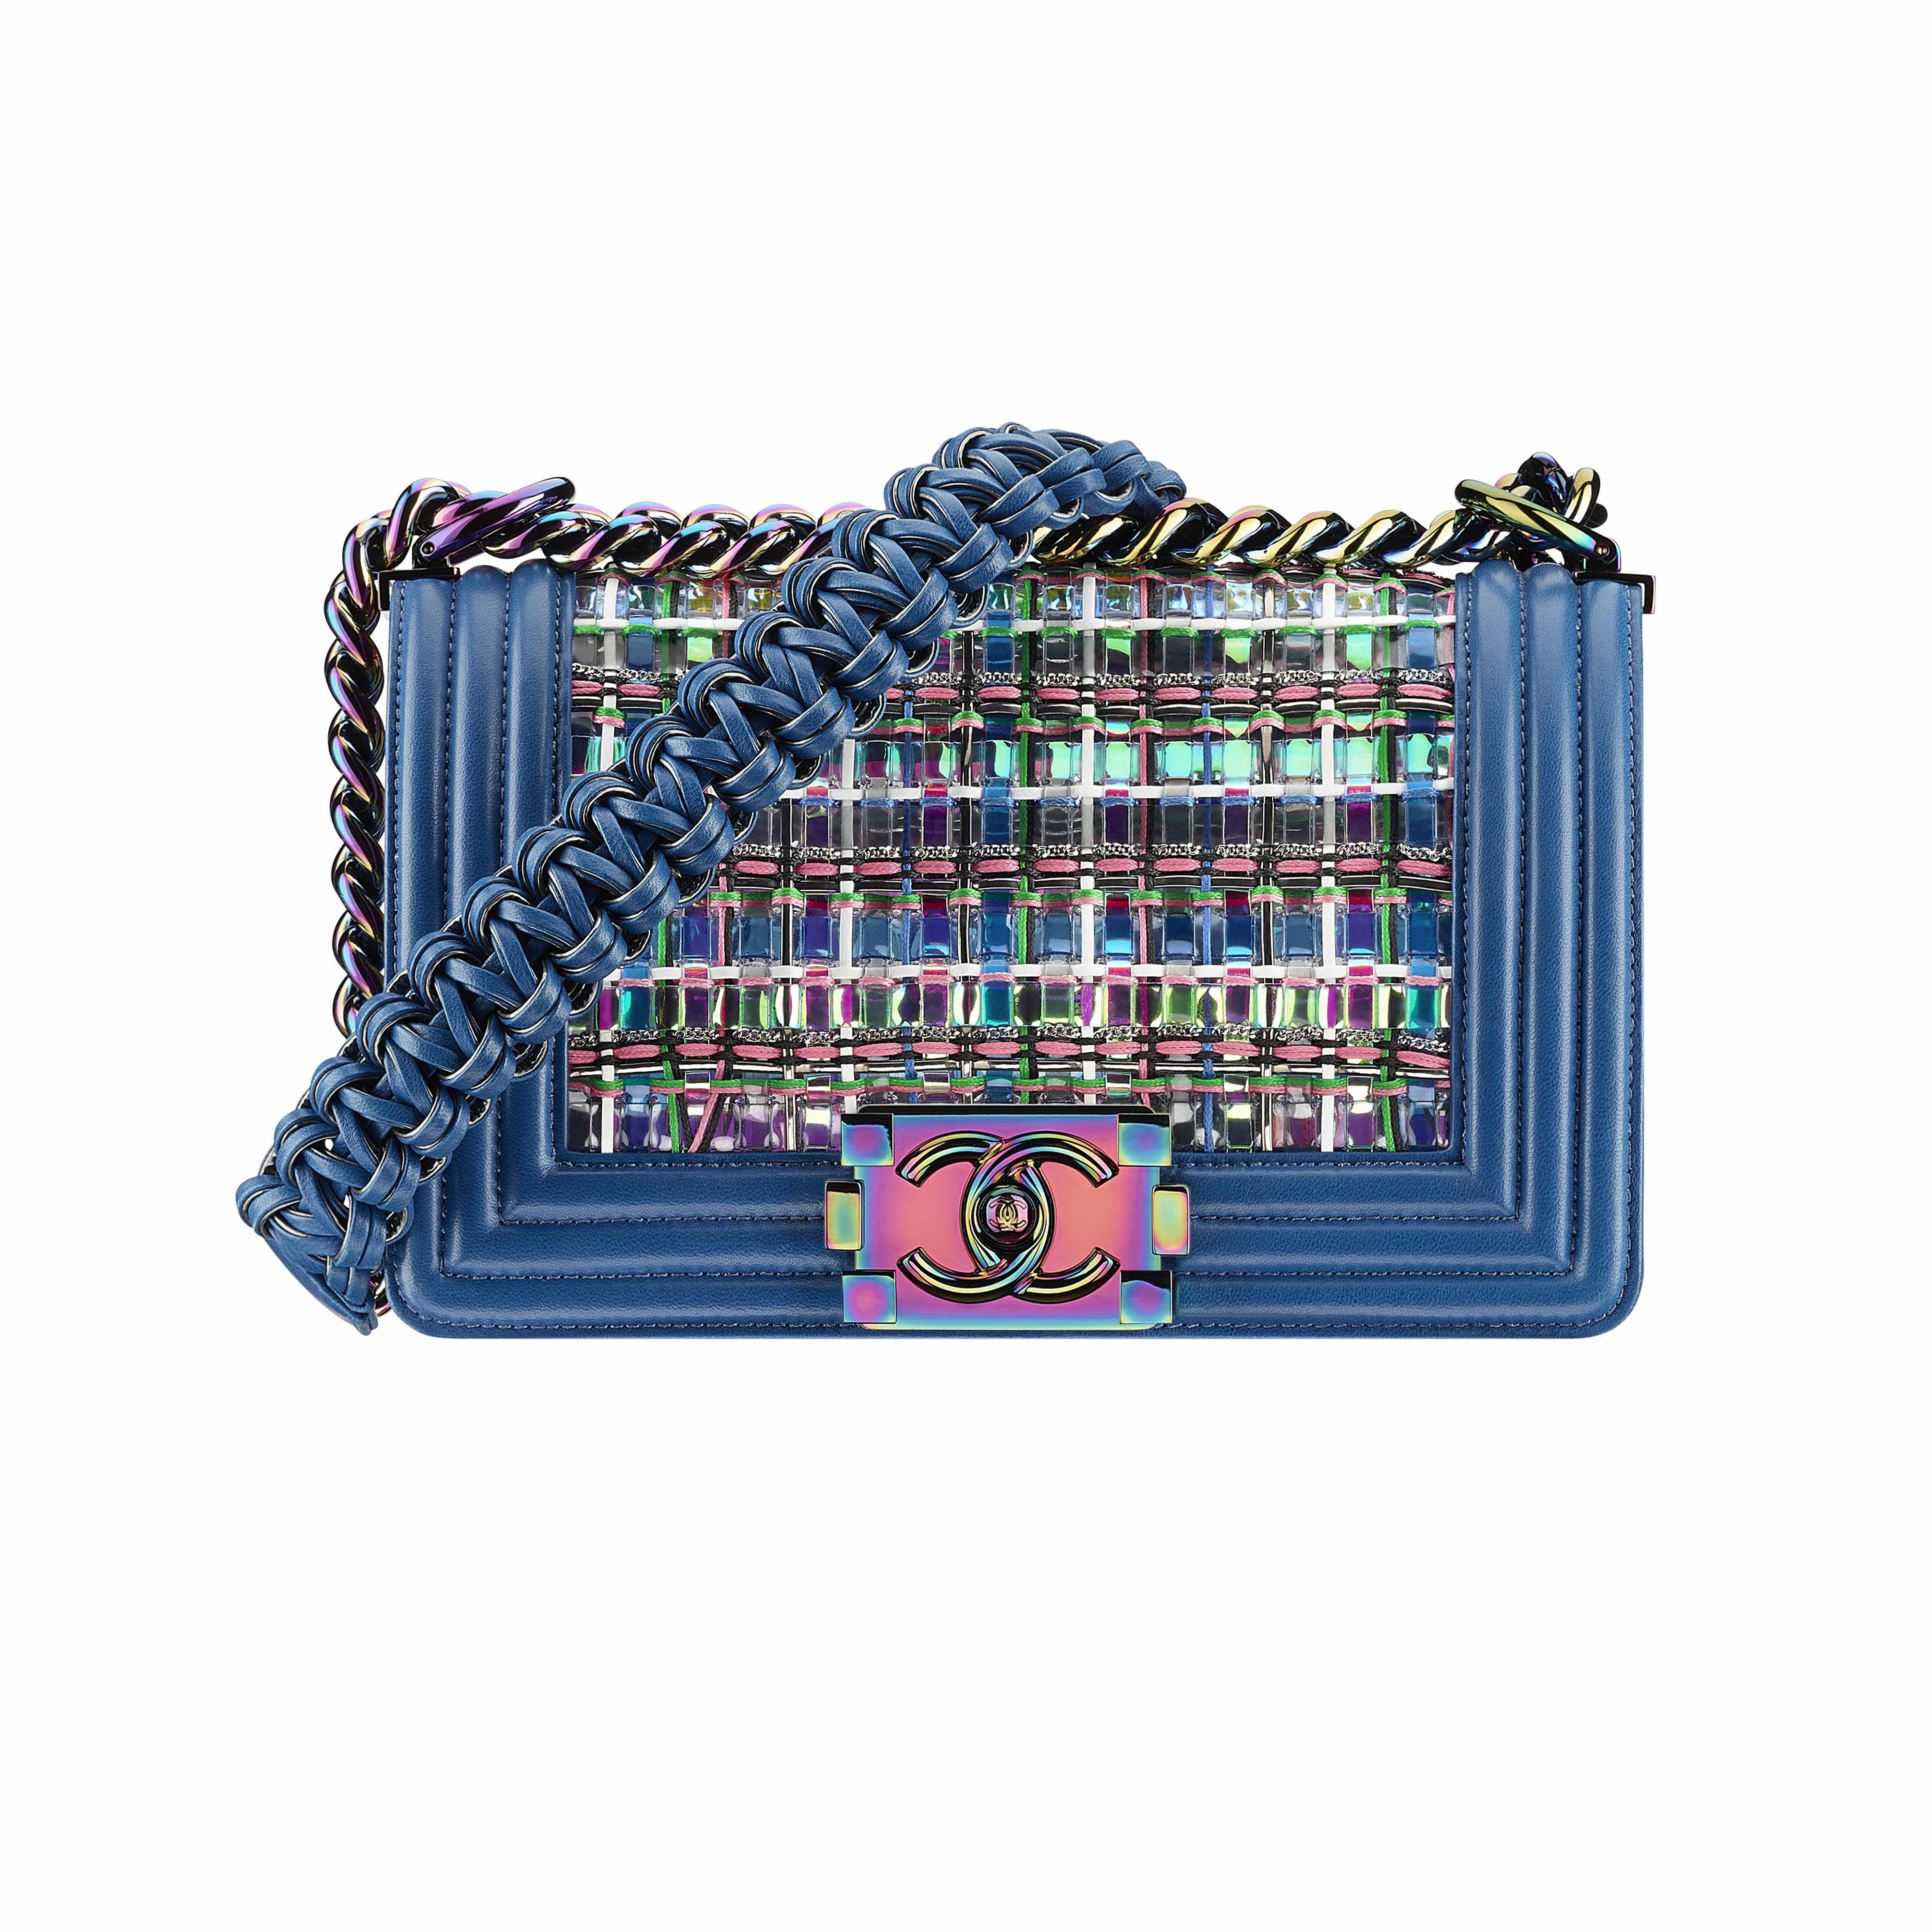 Ngắm nhìn phụ kiện thời trang Chanel mang hơi thở công nghệ số